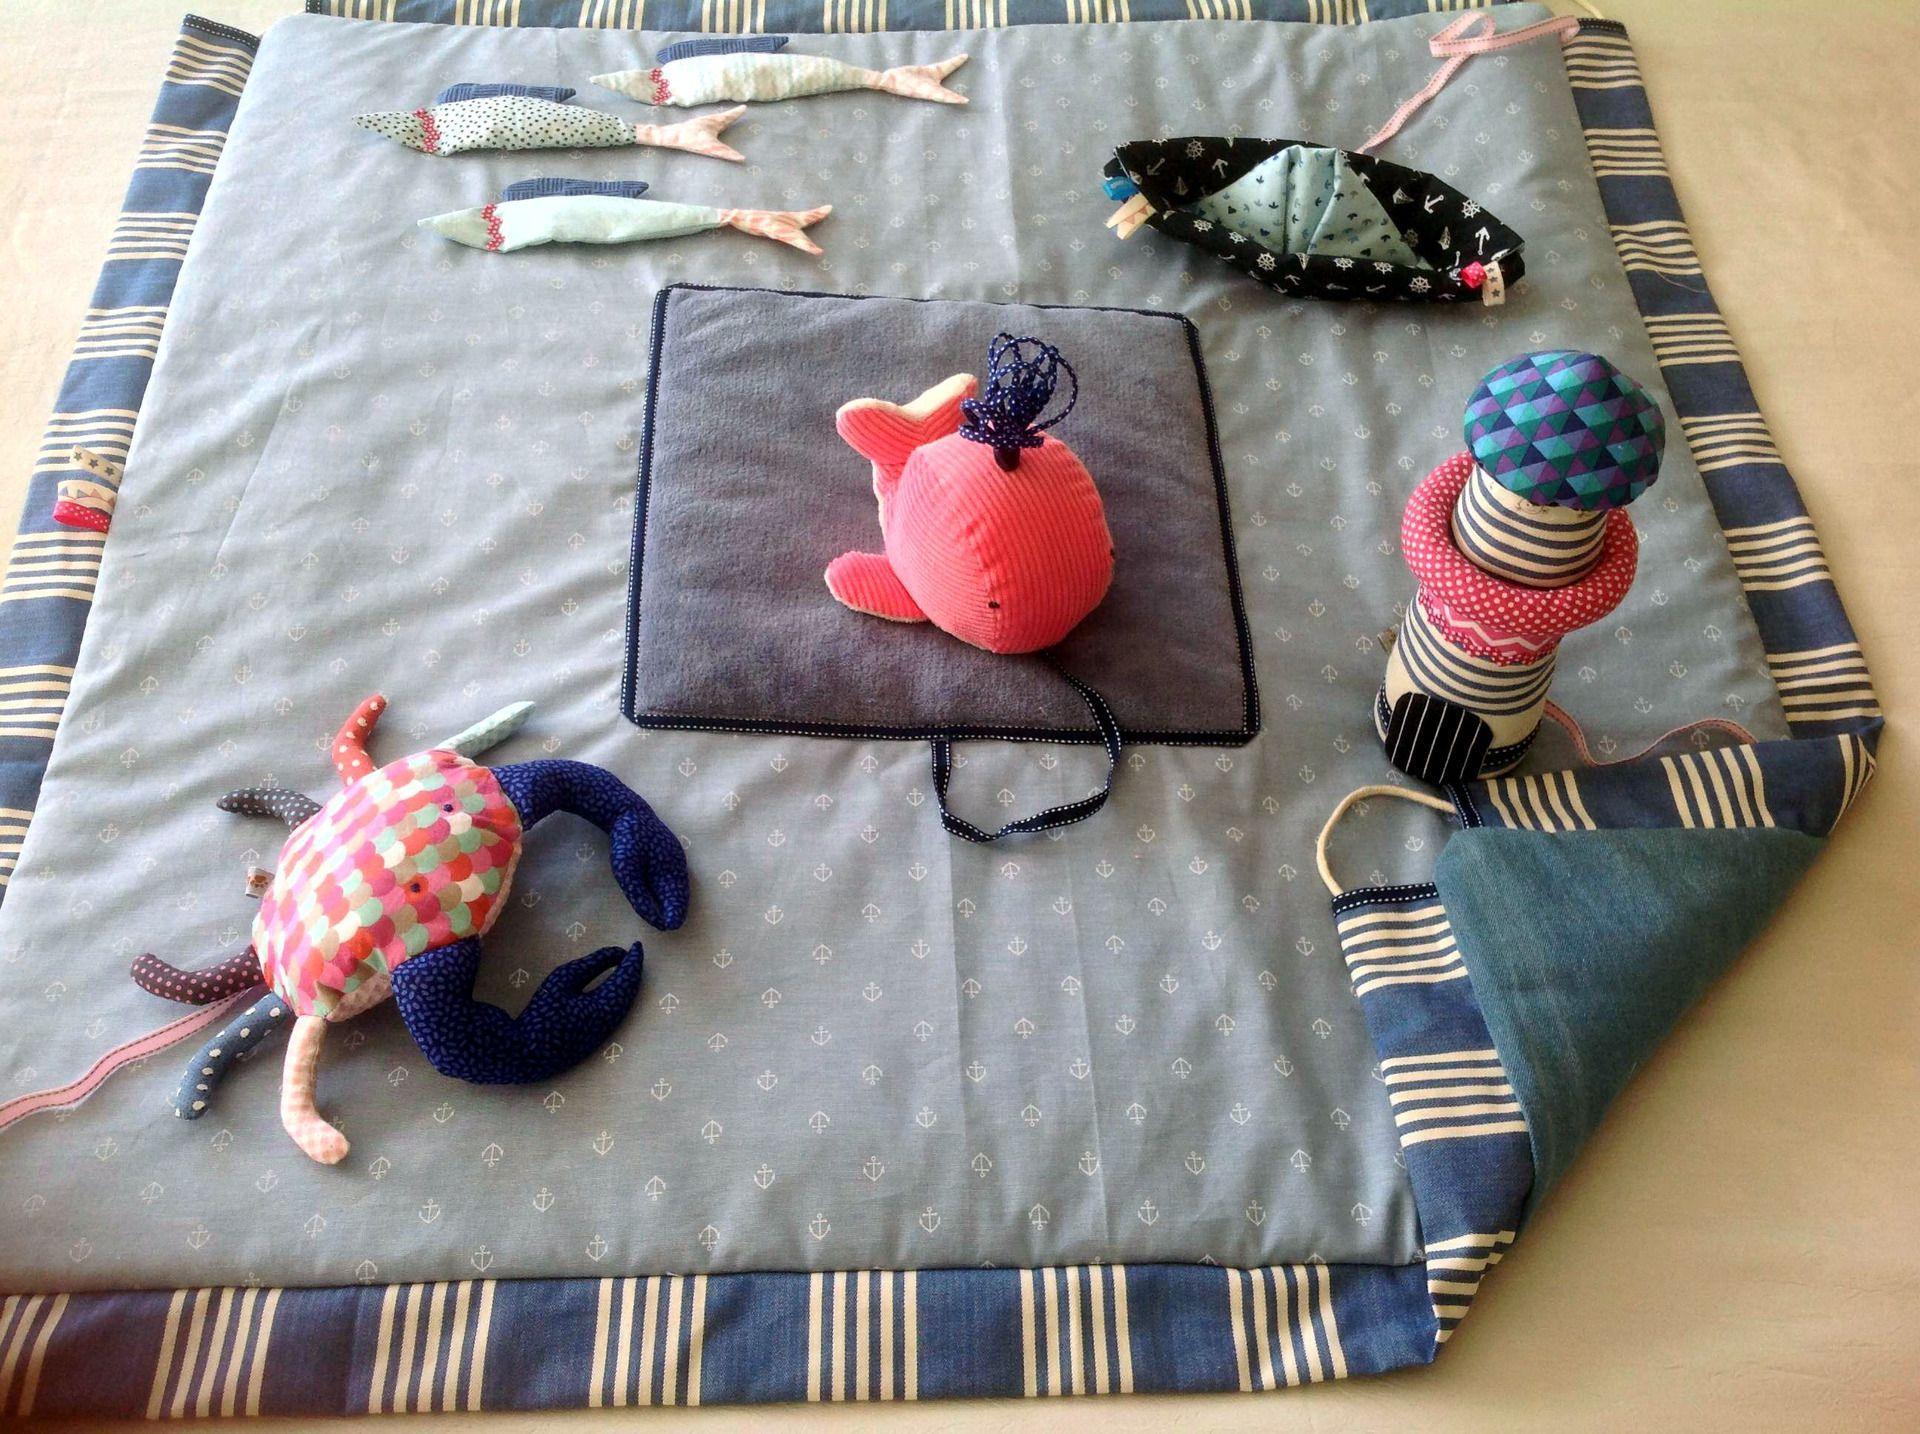 Tapis d éveil sensoriel transformable en sac de rangement Jeux